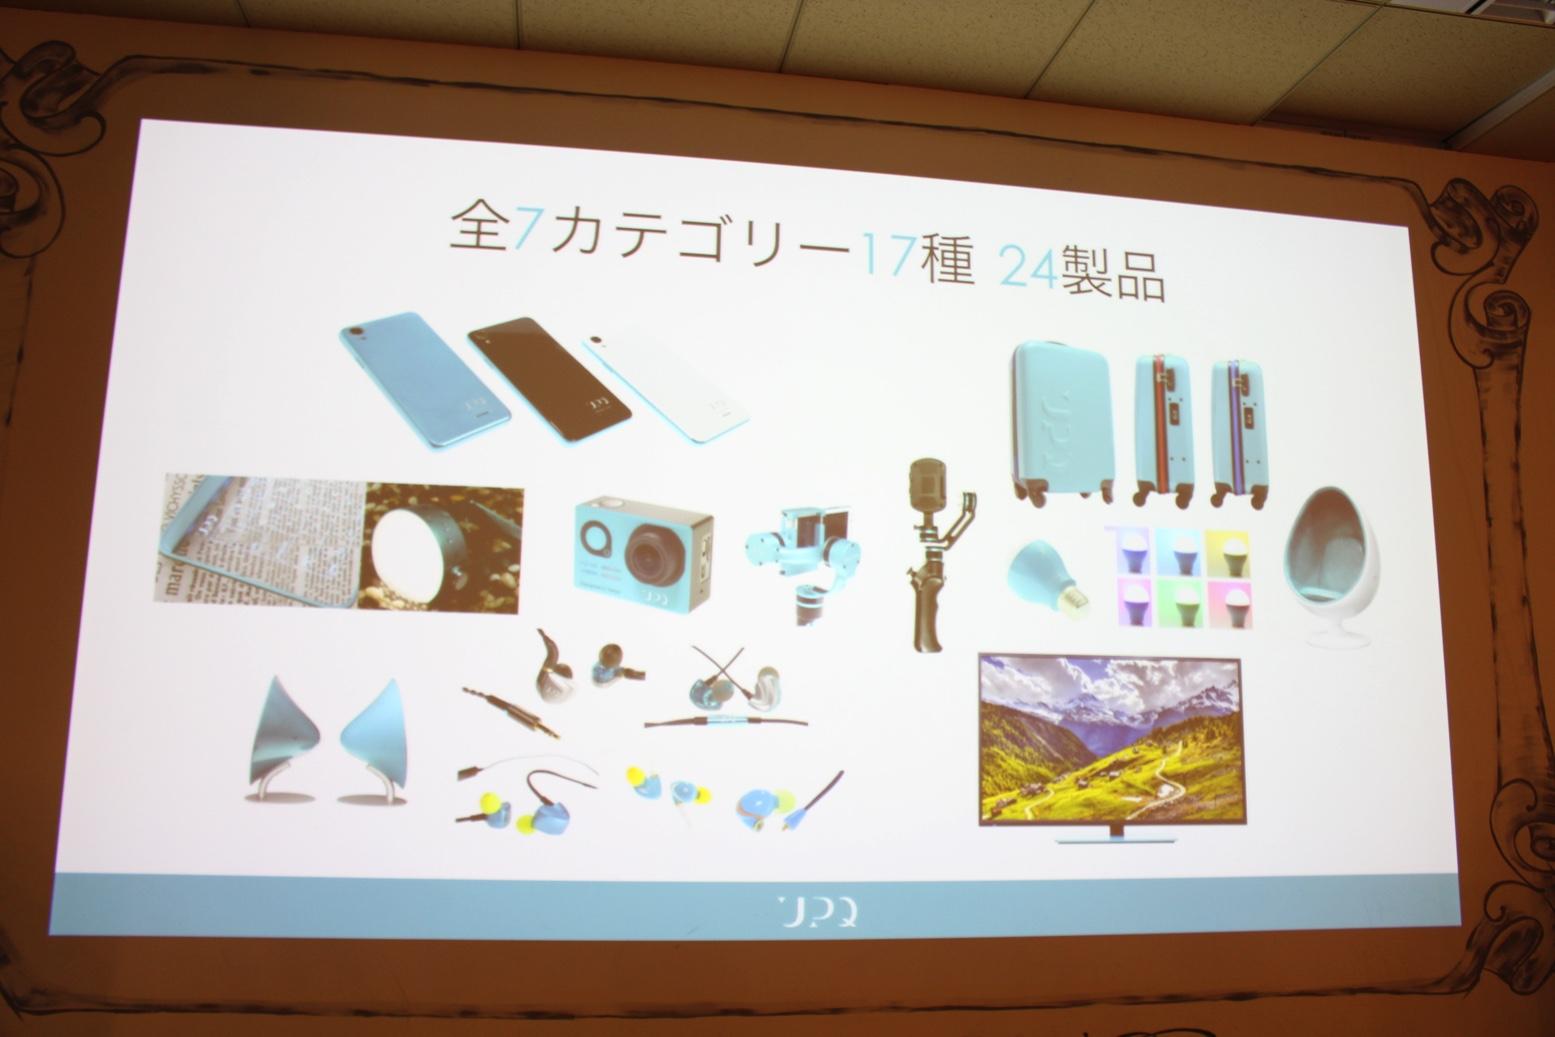 新興家電ブランドUPQは、モノづくりではなく「ブランドづくり」をしていた。説明会で感じたモヤモヤの答え